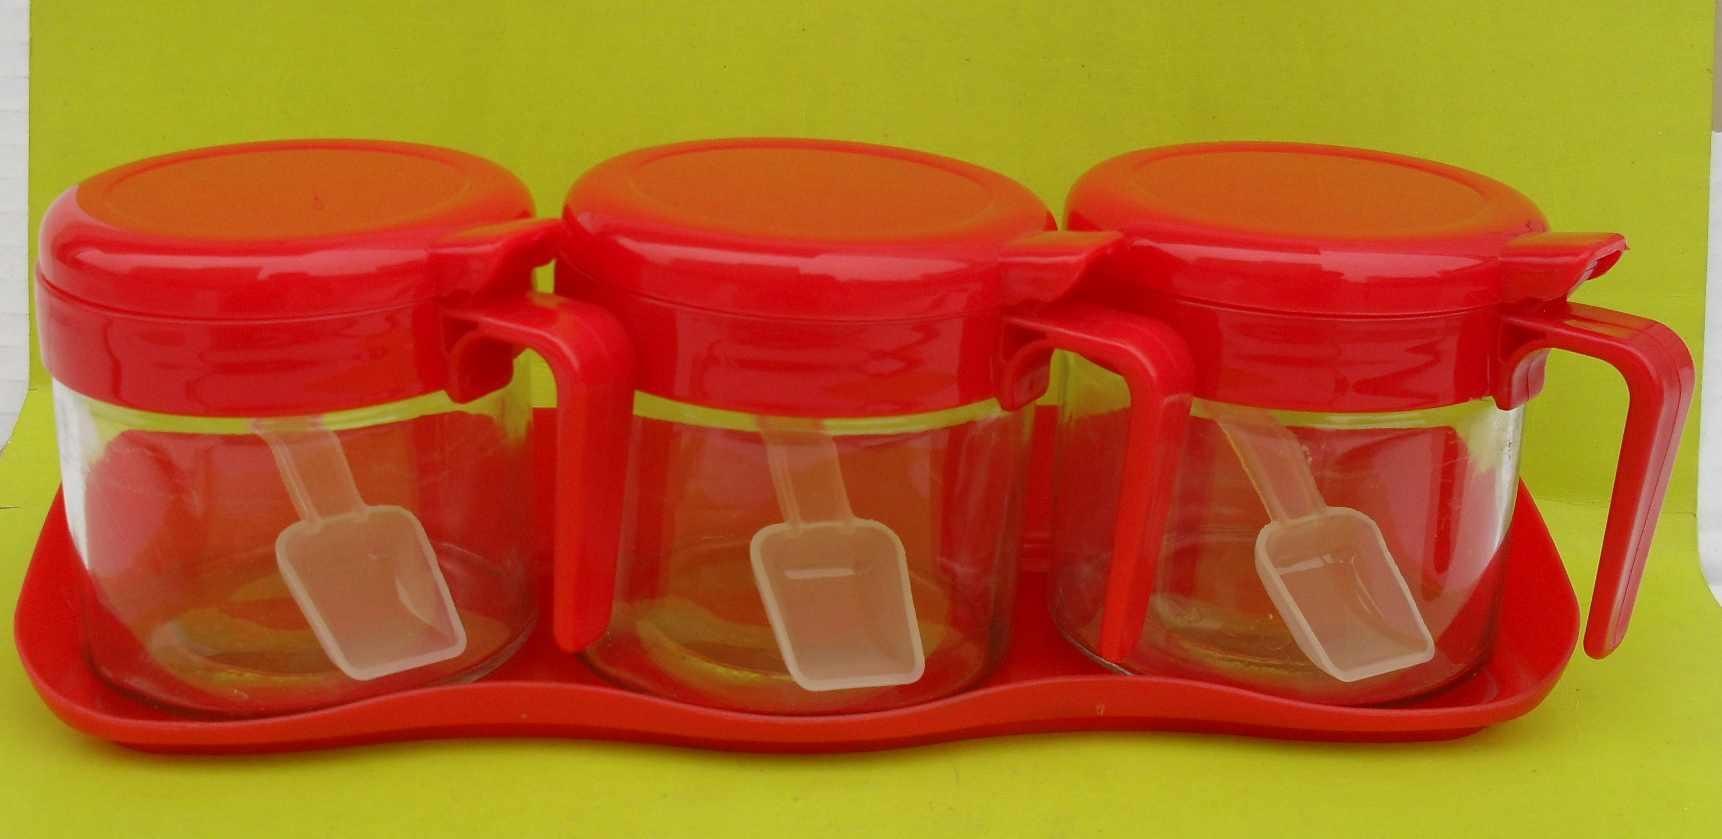 带小勺三件套调味罐,调味瓶套装,玻璃调料盒